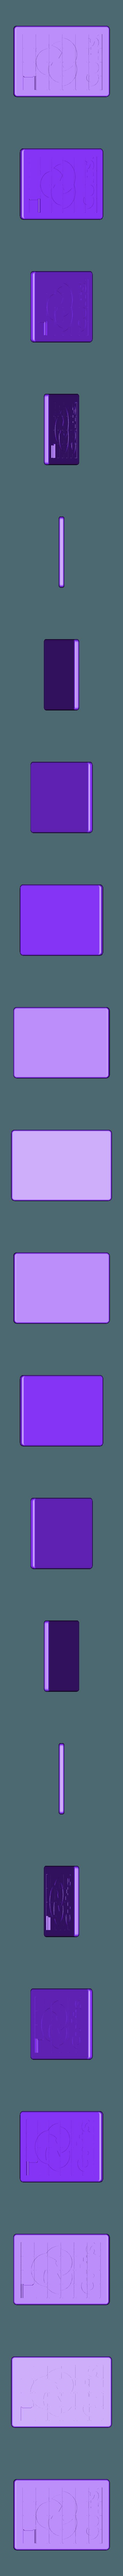 Taquin-Cults.stl Download free STL file Taquin CULTS / Sliding Puzzle • 3D print model, Valelab3D